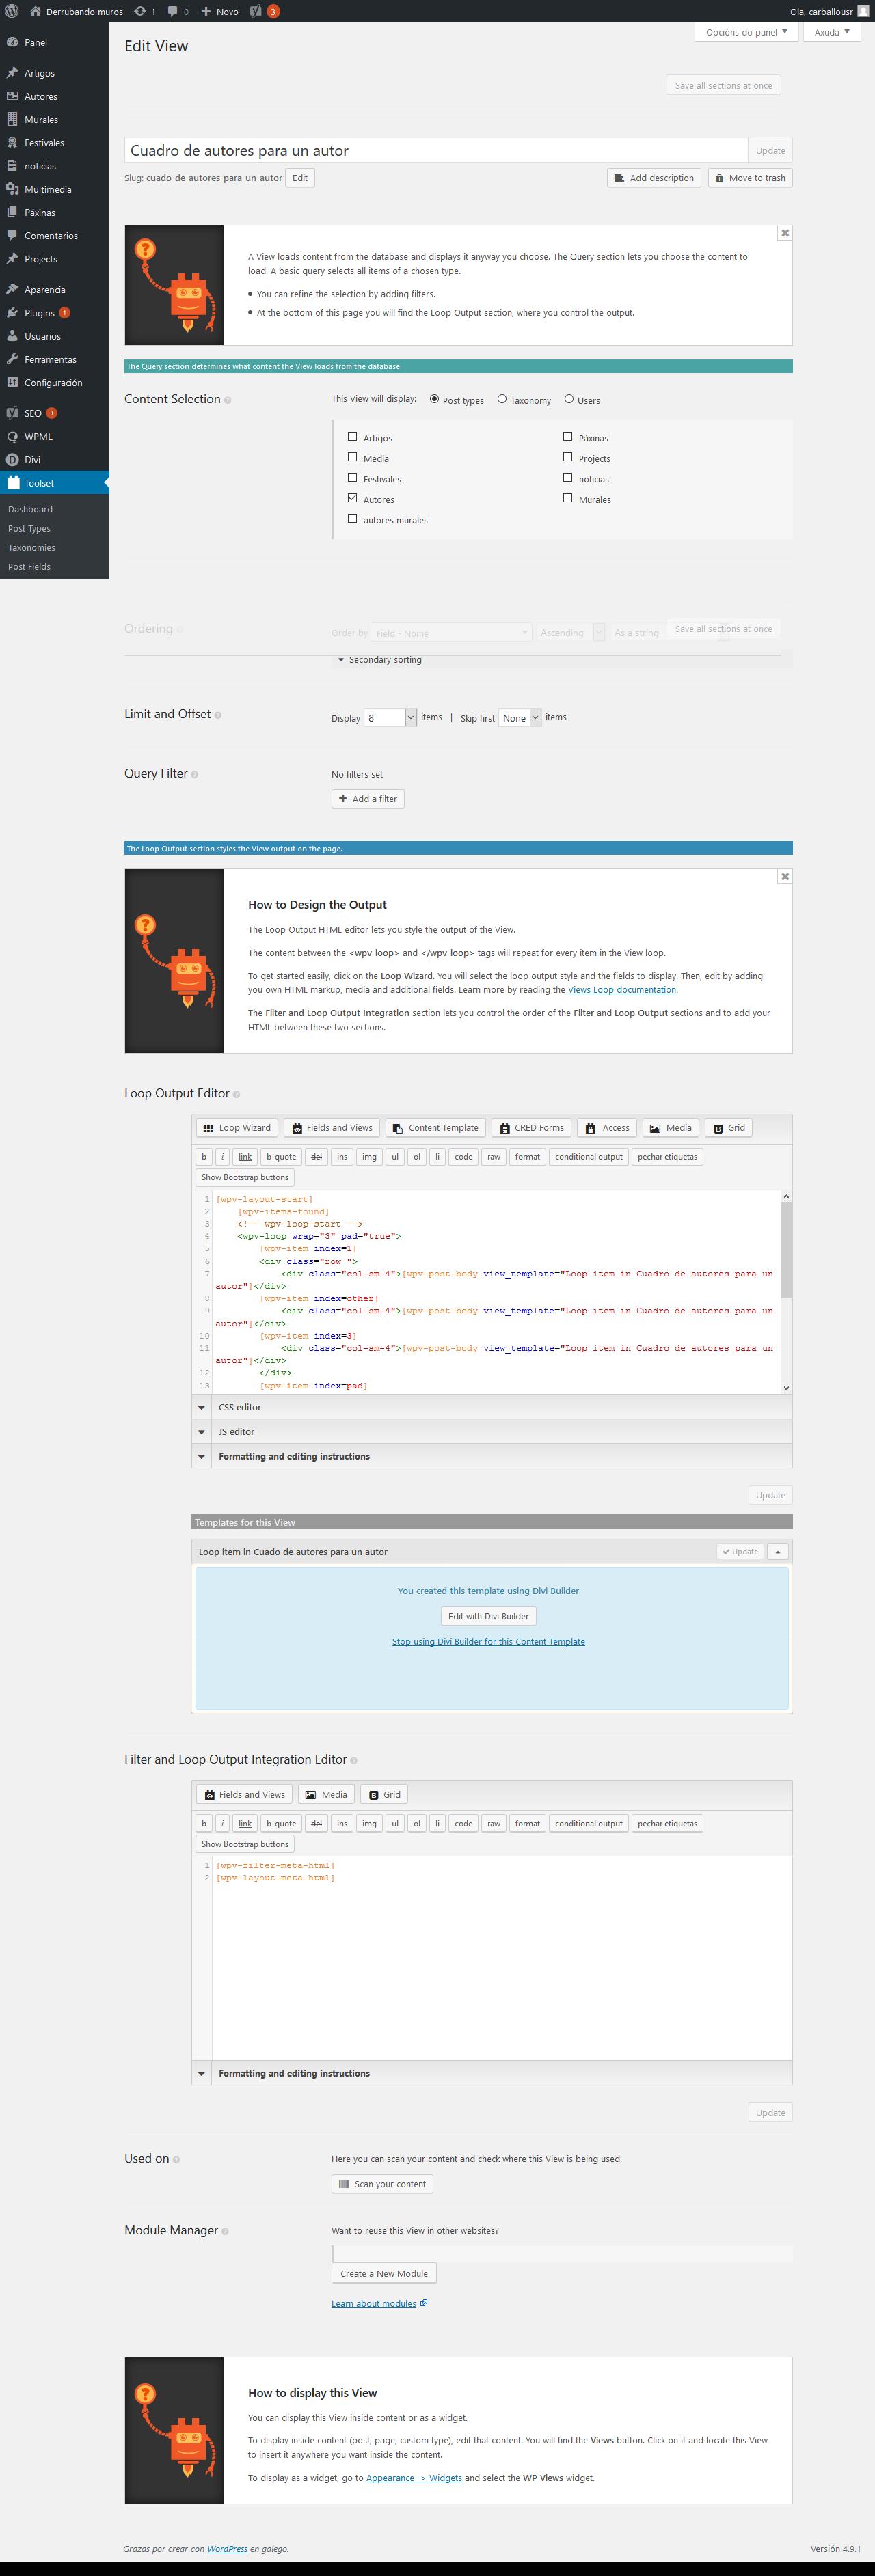 Vista_Slide_Grid_Artista.jpg